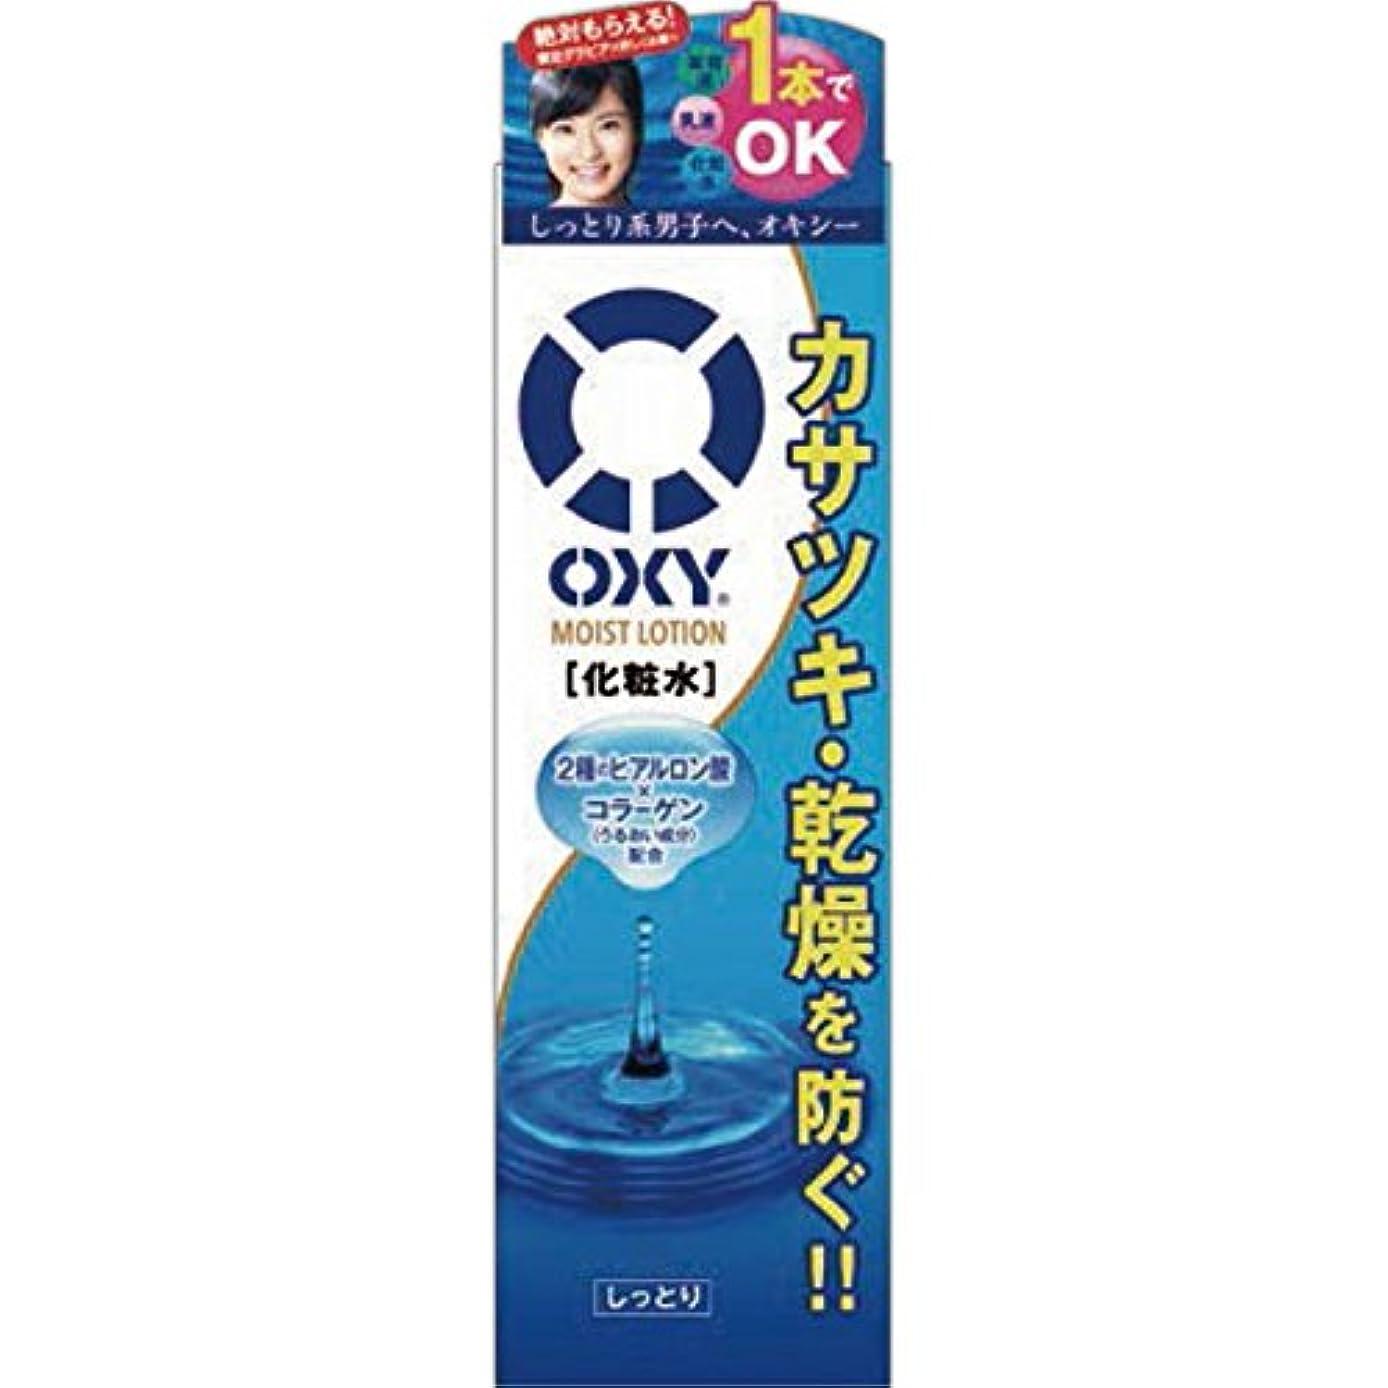 咽頭メンダシティ受益者オキシー (Oxy) モイストローション オールインワン化粧水 2種のヒアルロン酸×コラーゲン配合 ゼラニウムの香 170mL